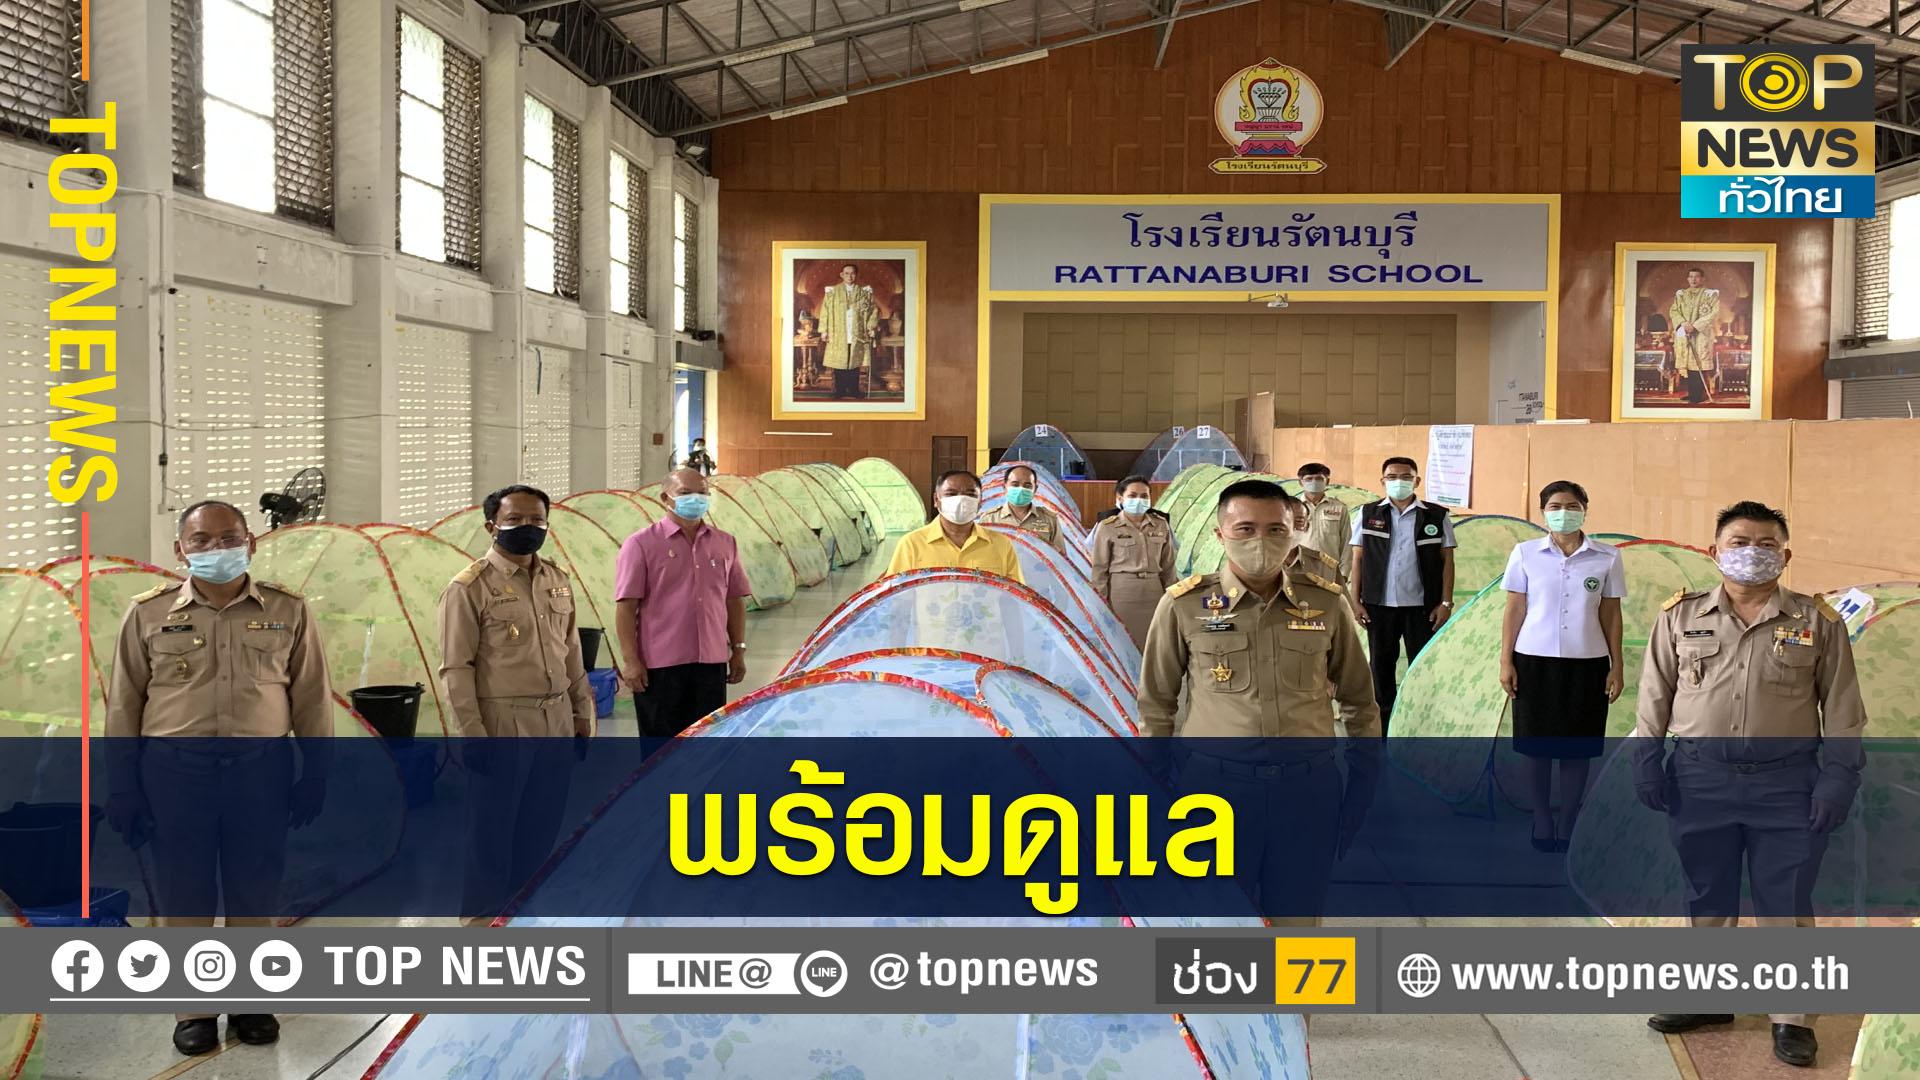 อ.รัตนบุรี เปิดเพิ่มอีก 100 เตียง ตั้งศูนย์พักคอยระดับอำเภอ ดูแลผู้ป่วยโควิด-19